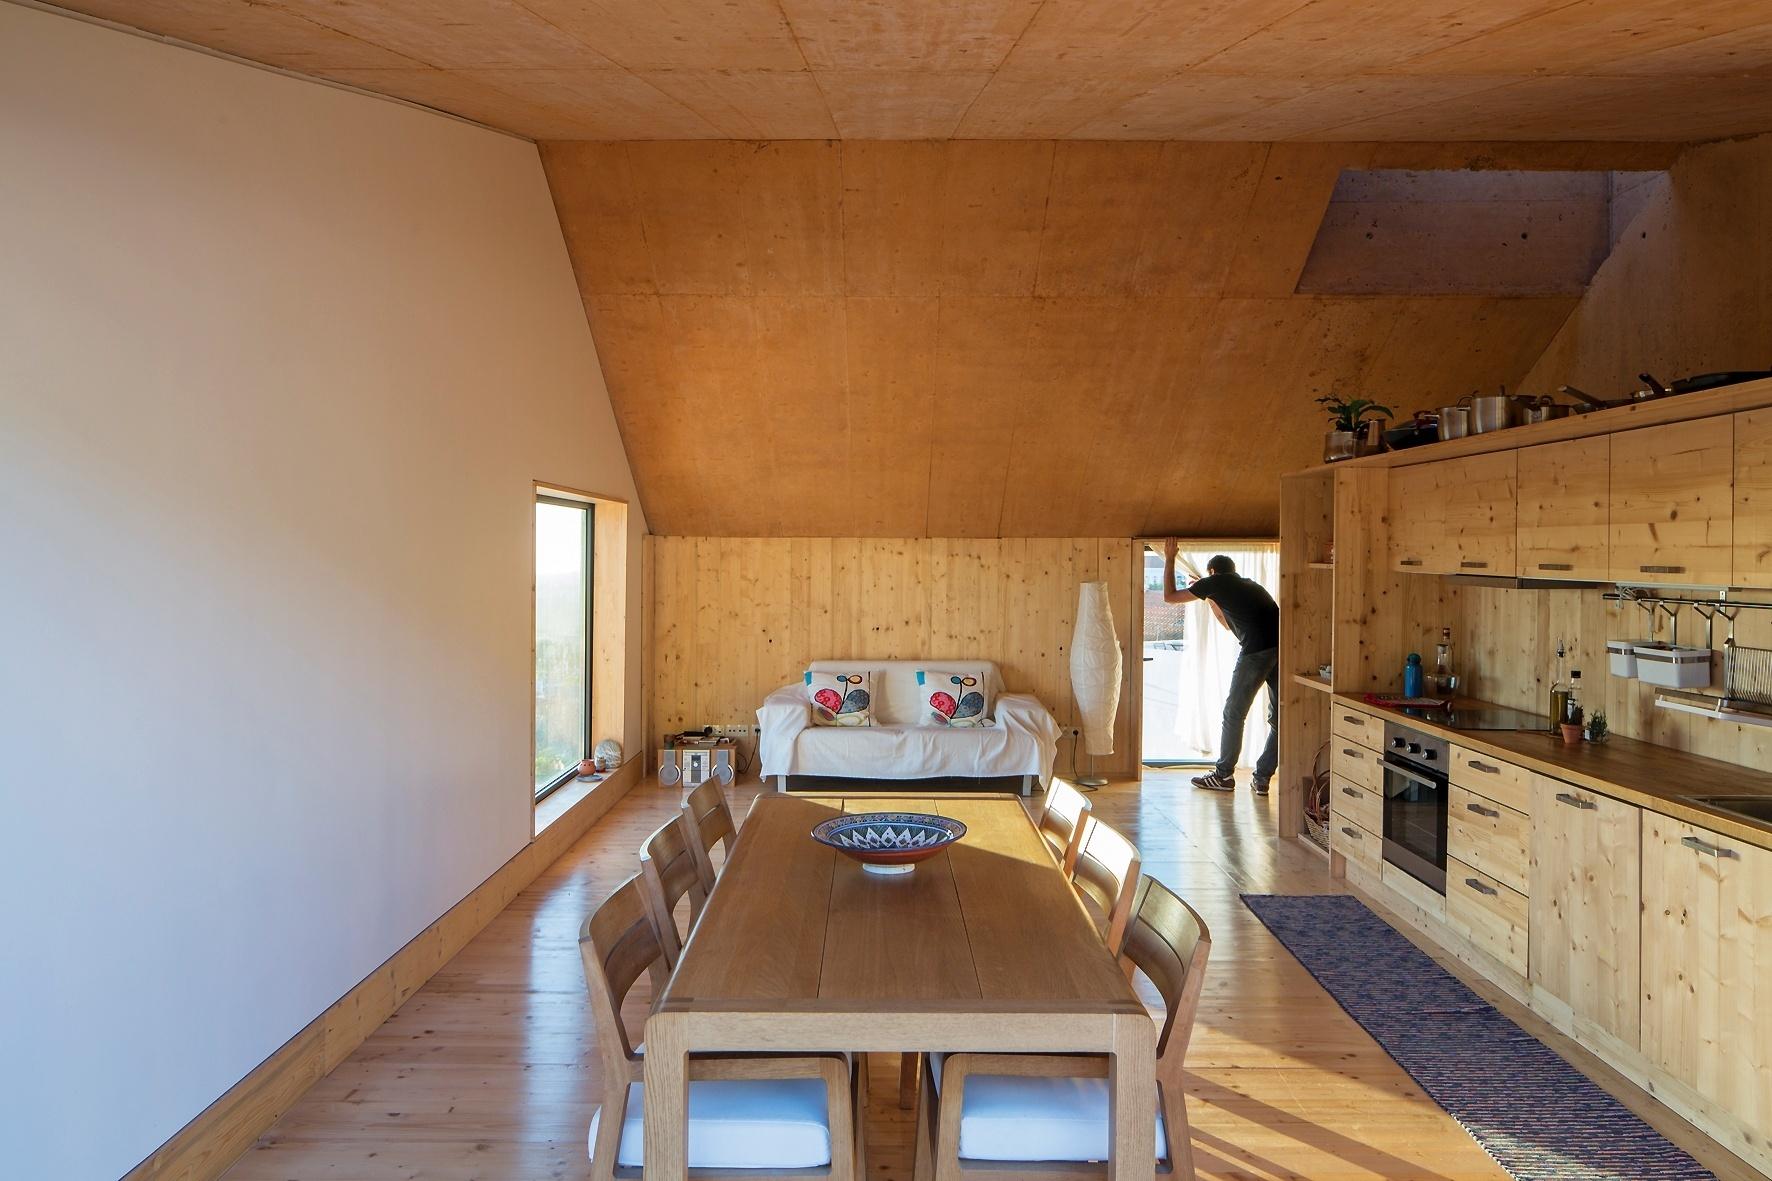 A cozinha da Casa do Zé fica integrada às salas de jantar e estar, ocupando o terceiro pavimento do monolito residencial, estruturado em concreto armado. Todos os revestimentos interiores, além dos armários são de madeira reciclada, reaproveitada das fôrmas de concretagem da fachada. No final da tarde, a janela (à esq.) traz para o interior da residência, a paisagem das vinhas do Vale Barris, banhadas pela luz do sol. A construção fica em Portugal e tem projeto do escritório Paratelier